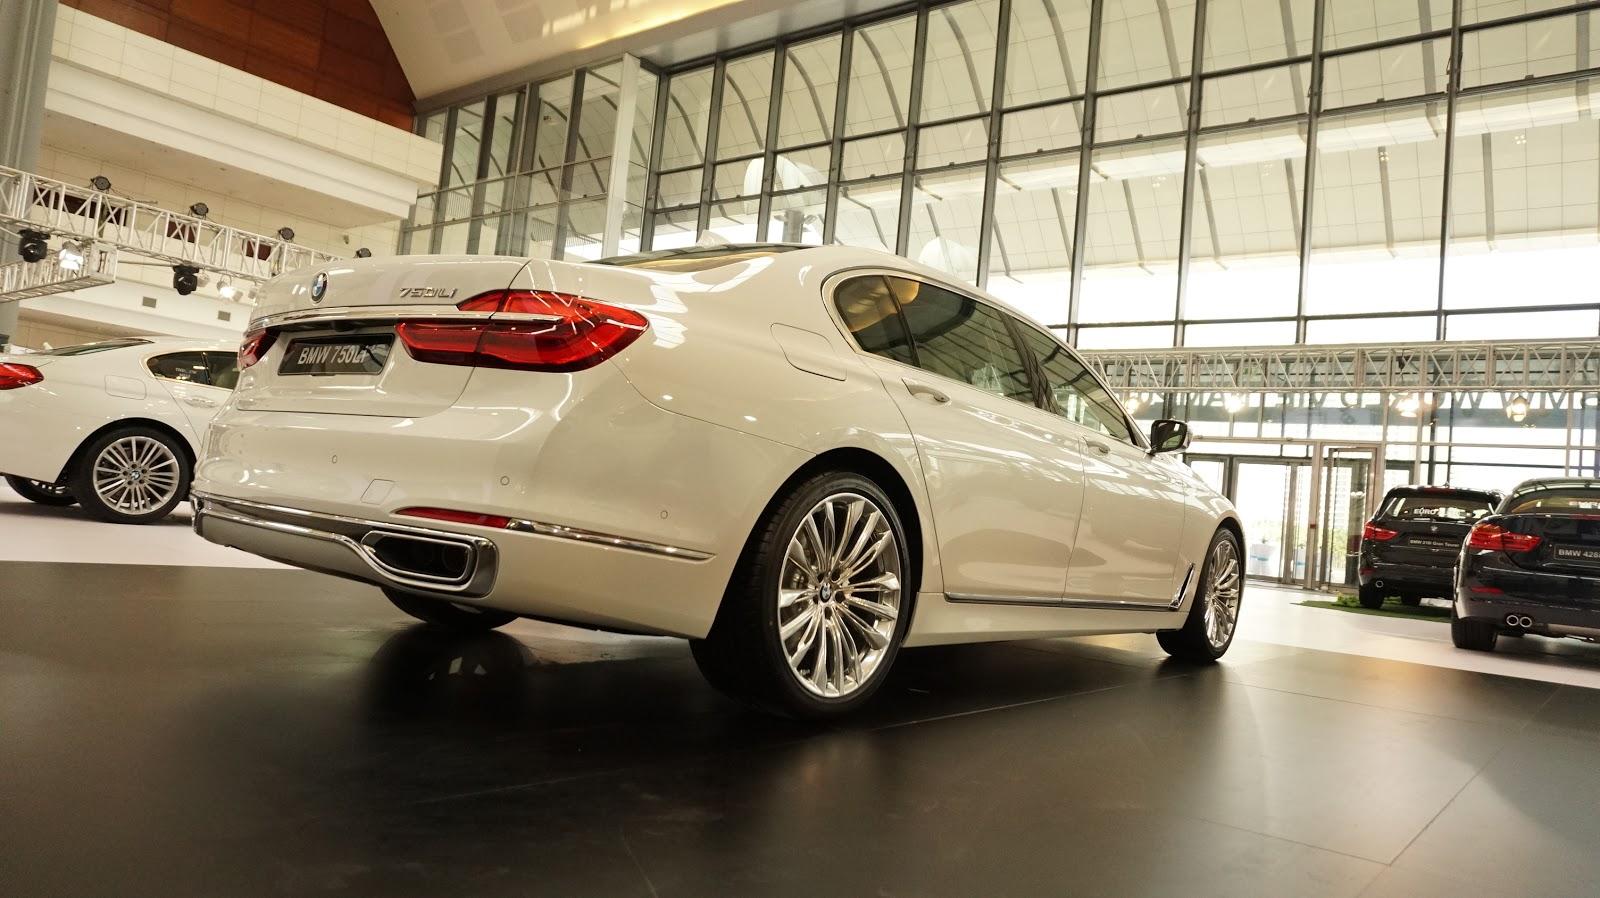 BMW 750Li thực sự là một chiếc saloon hạng siêu sang trên thị trường hiện nay